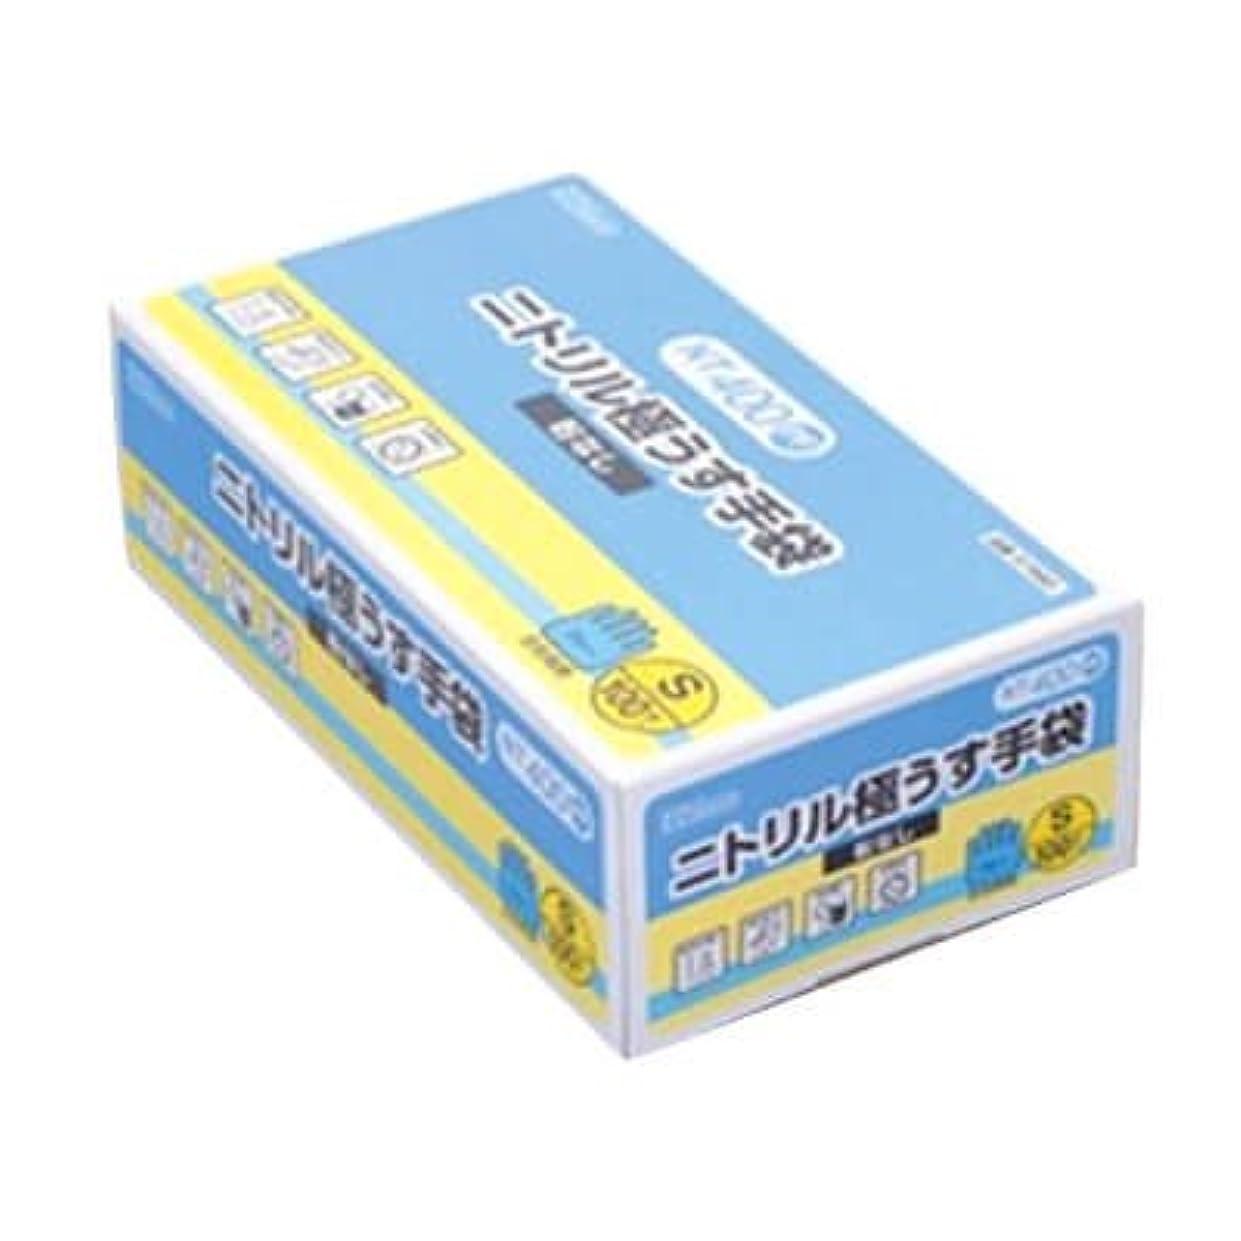 スロット統合する耐える【ケース販売】 ダンロップ ニトリル極うす手袋 粉無 S ブルー NT-400 (100枚入×20箱)